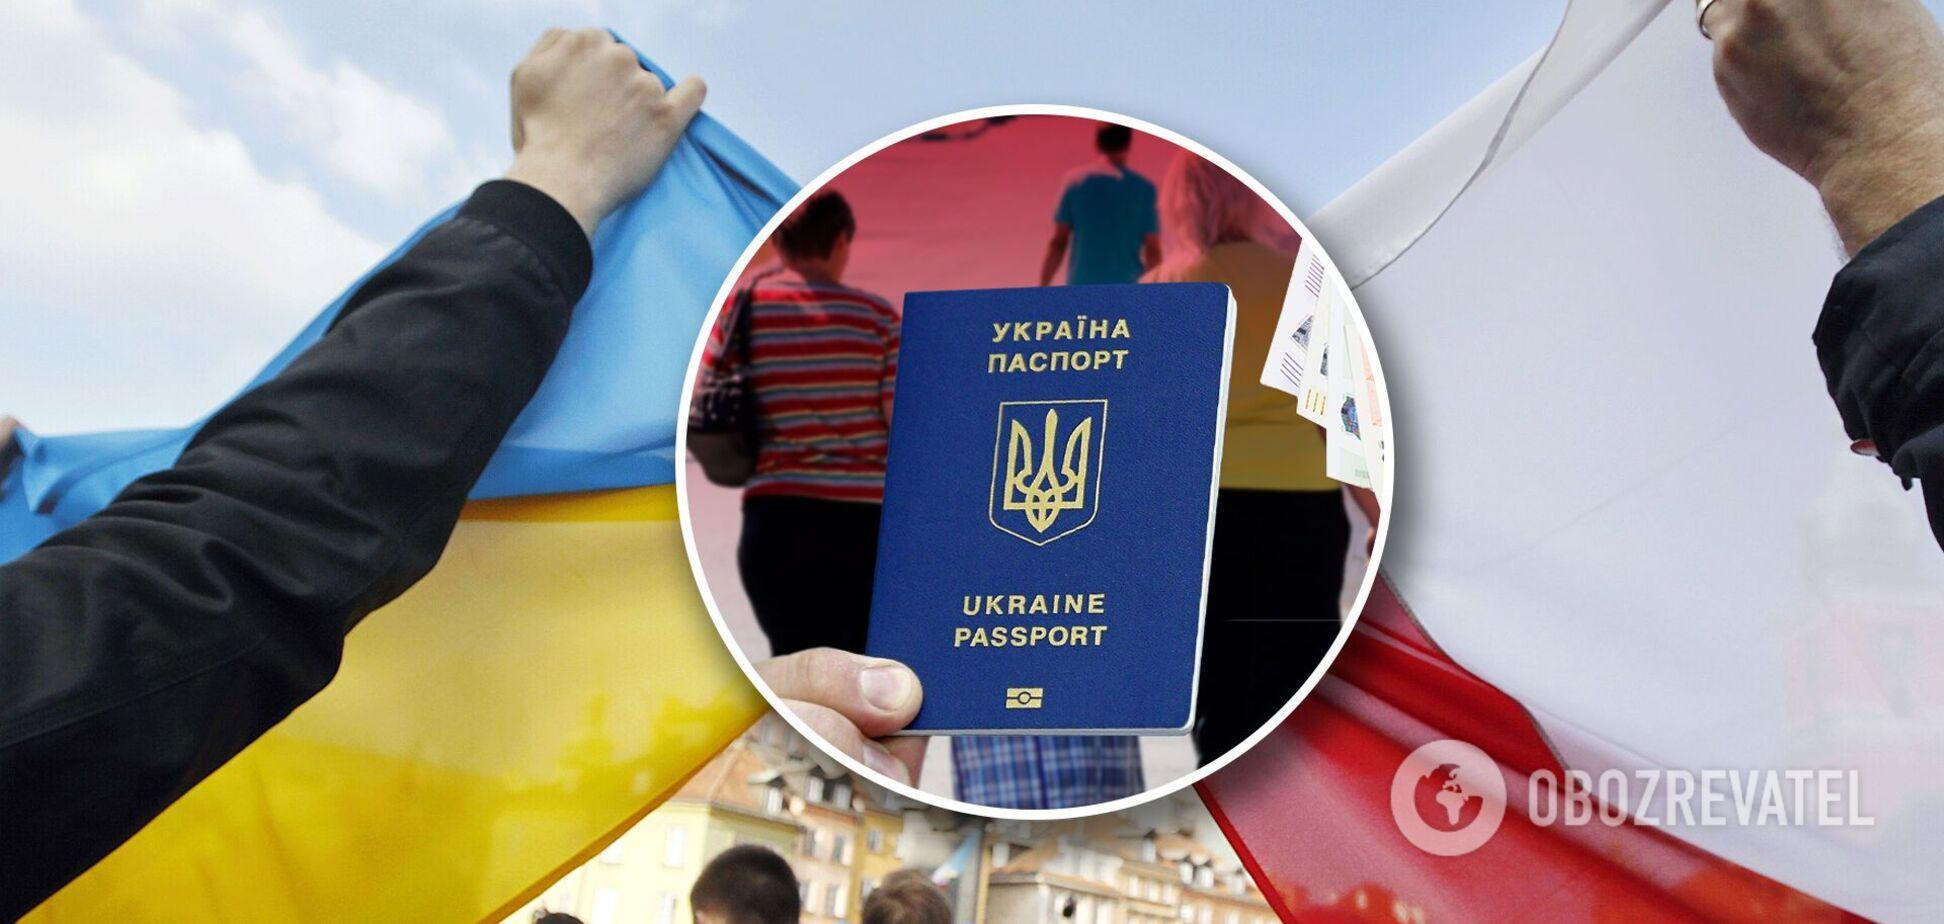 Пропозиції для українських заробітчан в Польщі